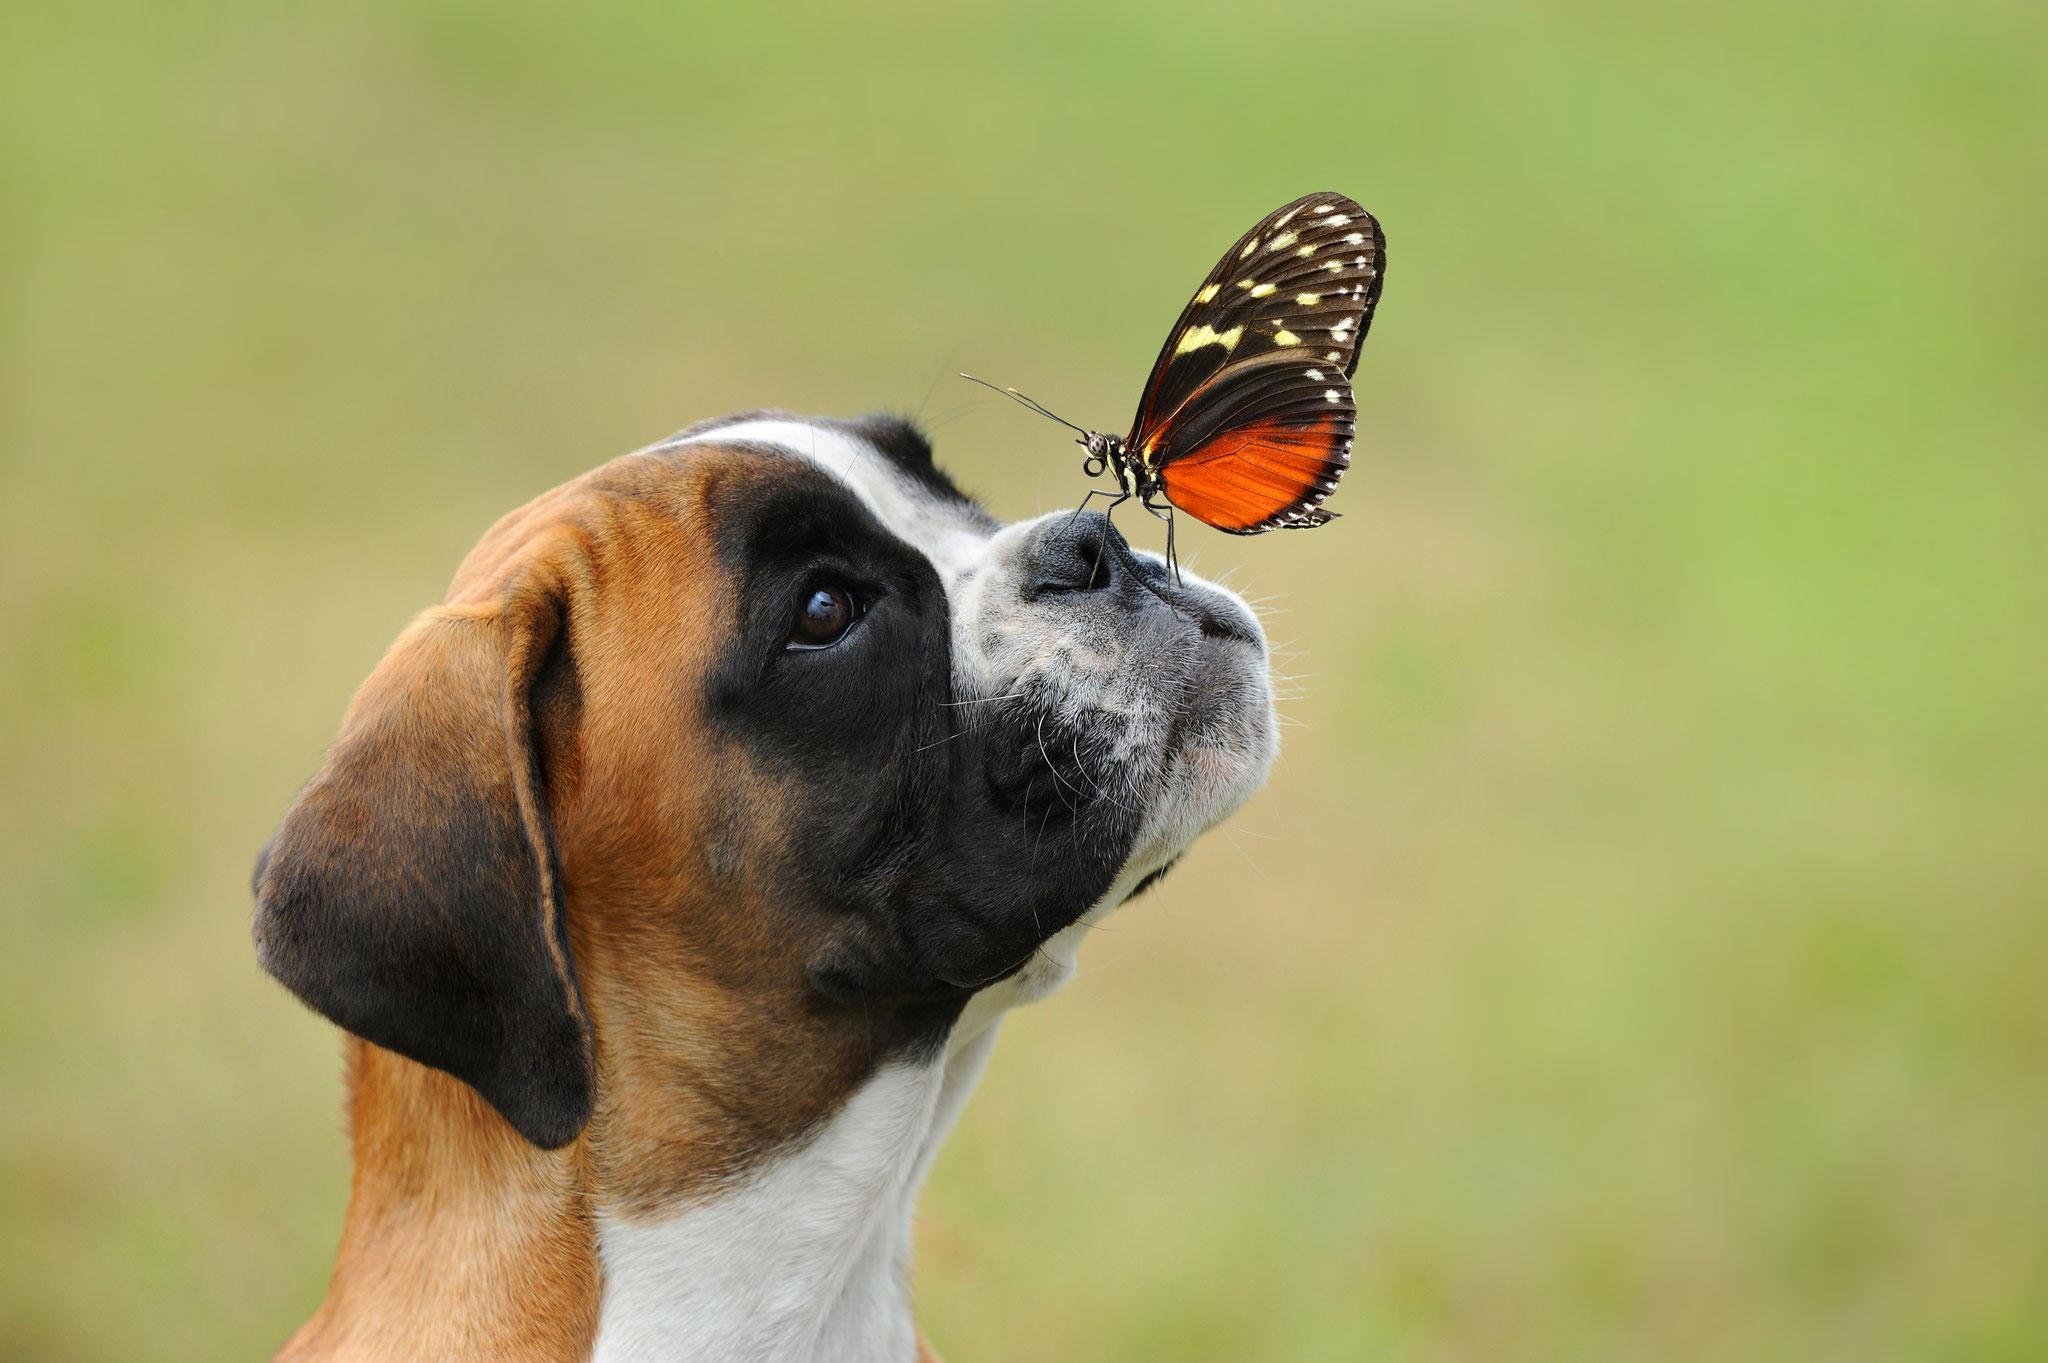 Einsatz von Pflanzenkohle beim Hund